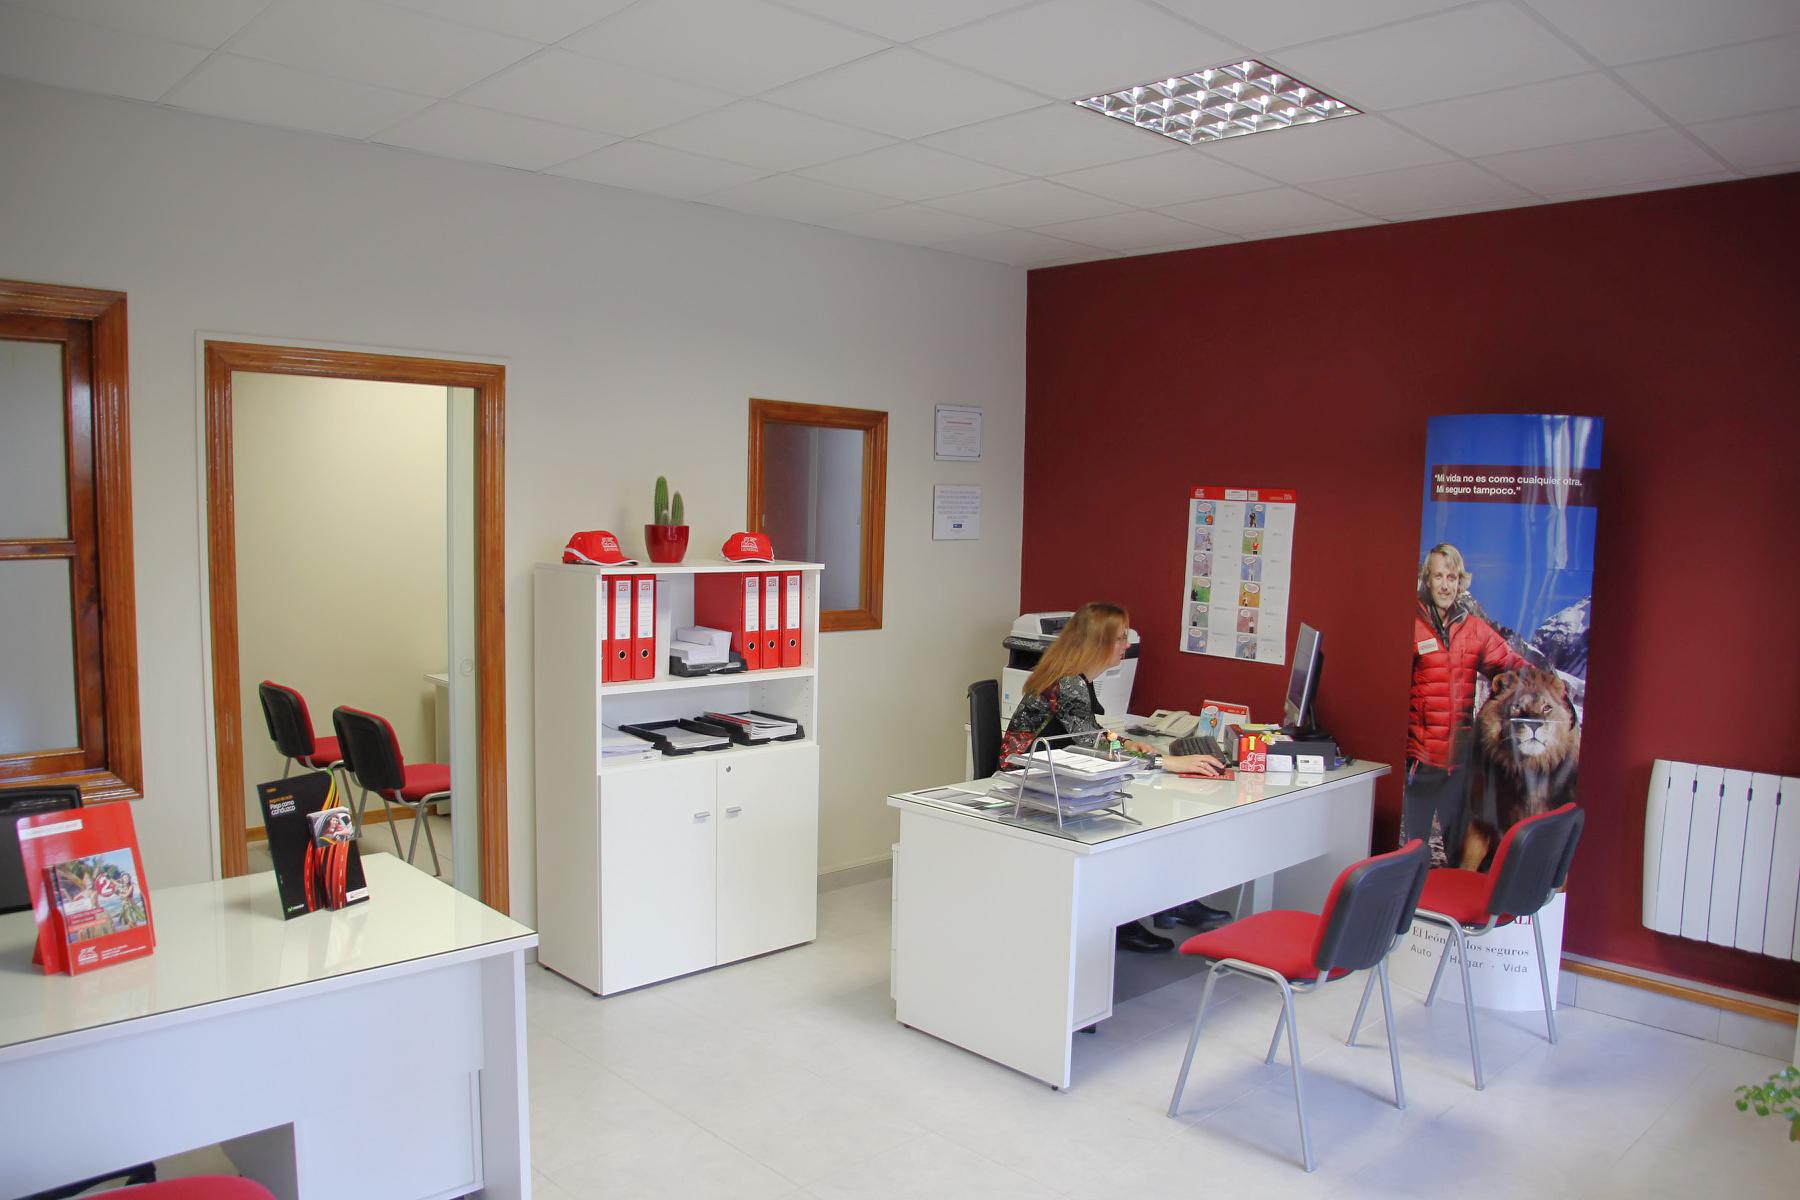 oficinas amj grupo amj